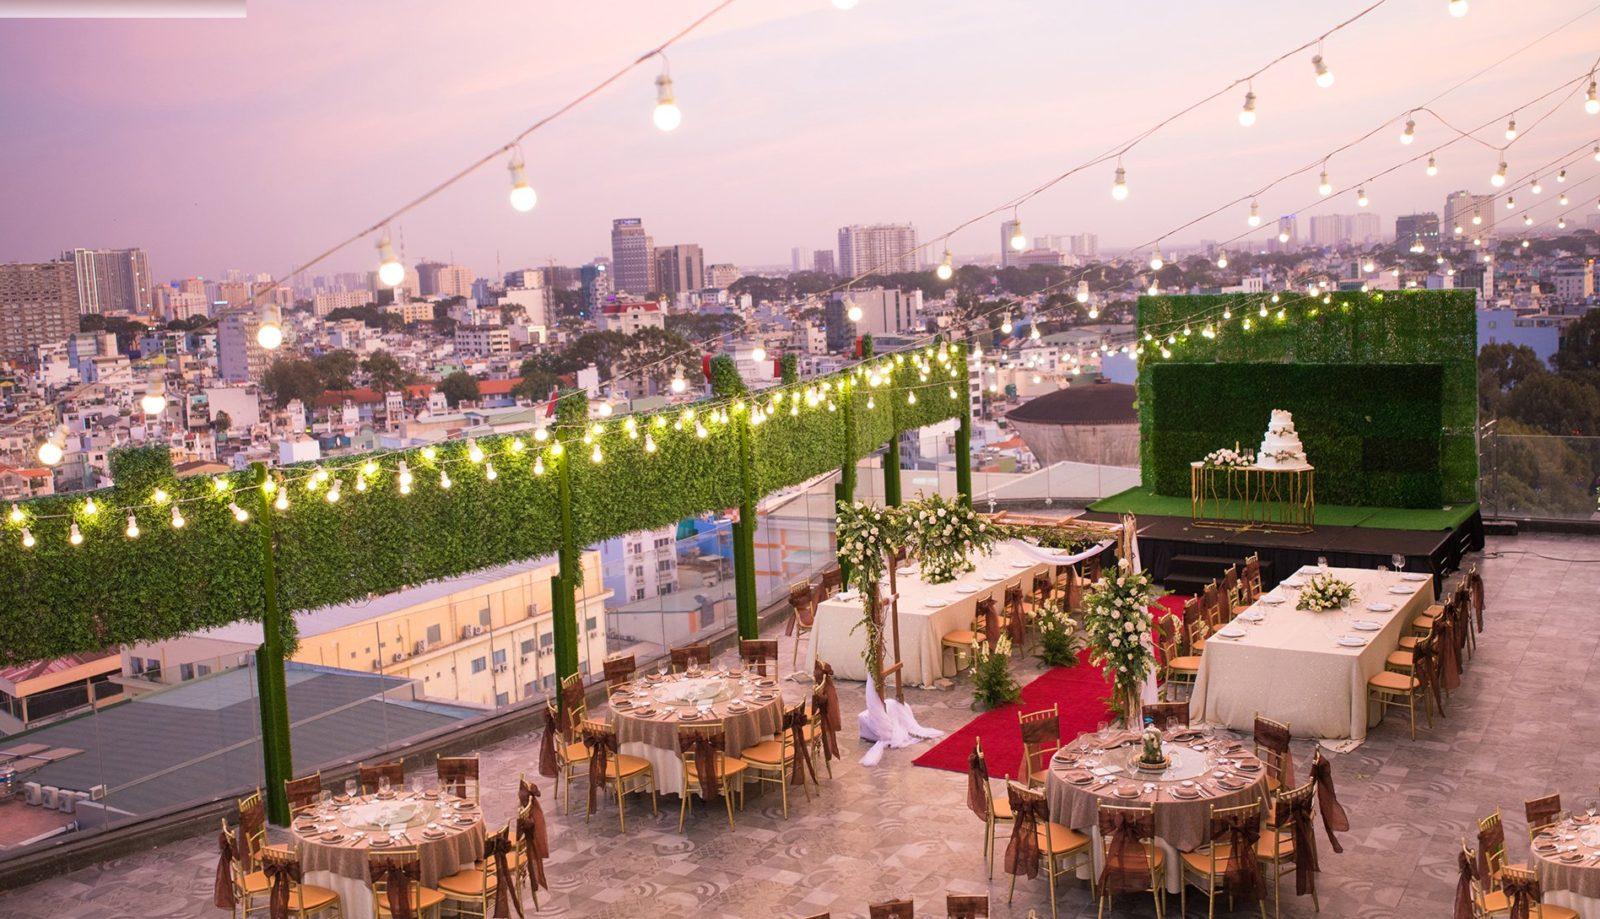 Tổ chức tiệc cưới ngoài trời đã xuất hiện từ nhiều năm tuy nhiên nó mới thực sự bùng nổ cho mùa cưới năm nay. Để có không gian tiệc cưới ngoài trời mới lạ khiến khách mời phải trầm trồ, đó là cả quá trình và đòi hỏi sự sáng tạo.